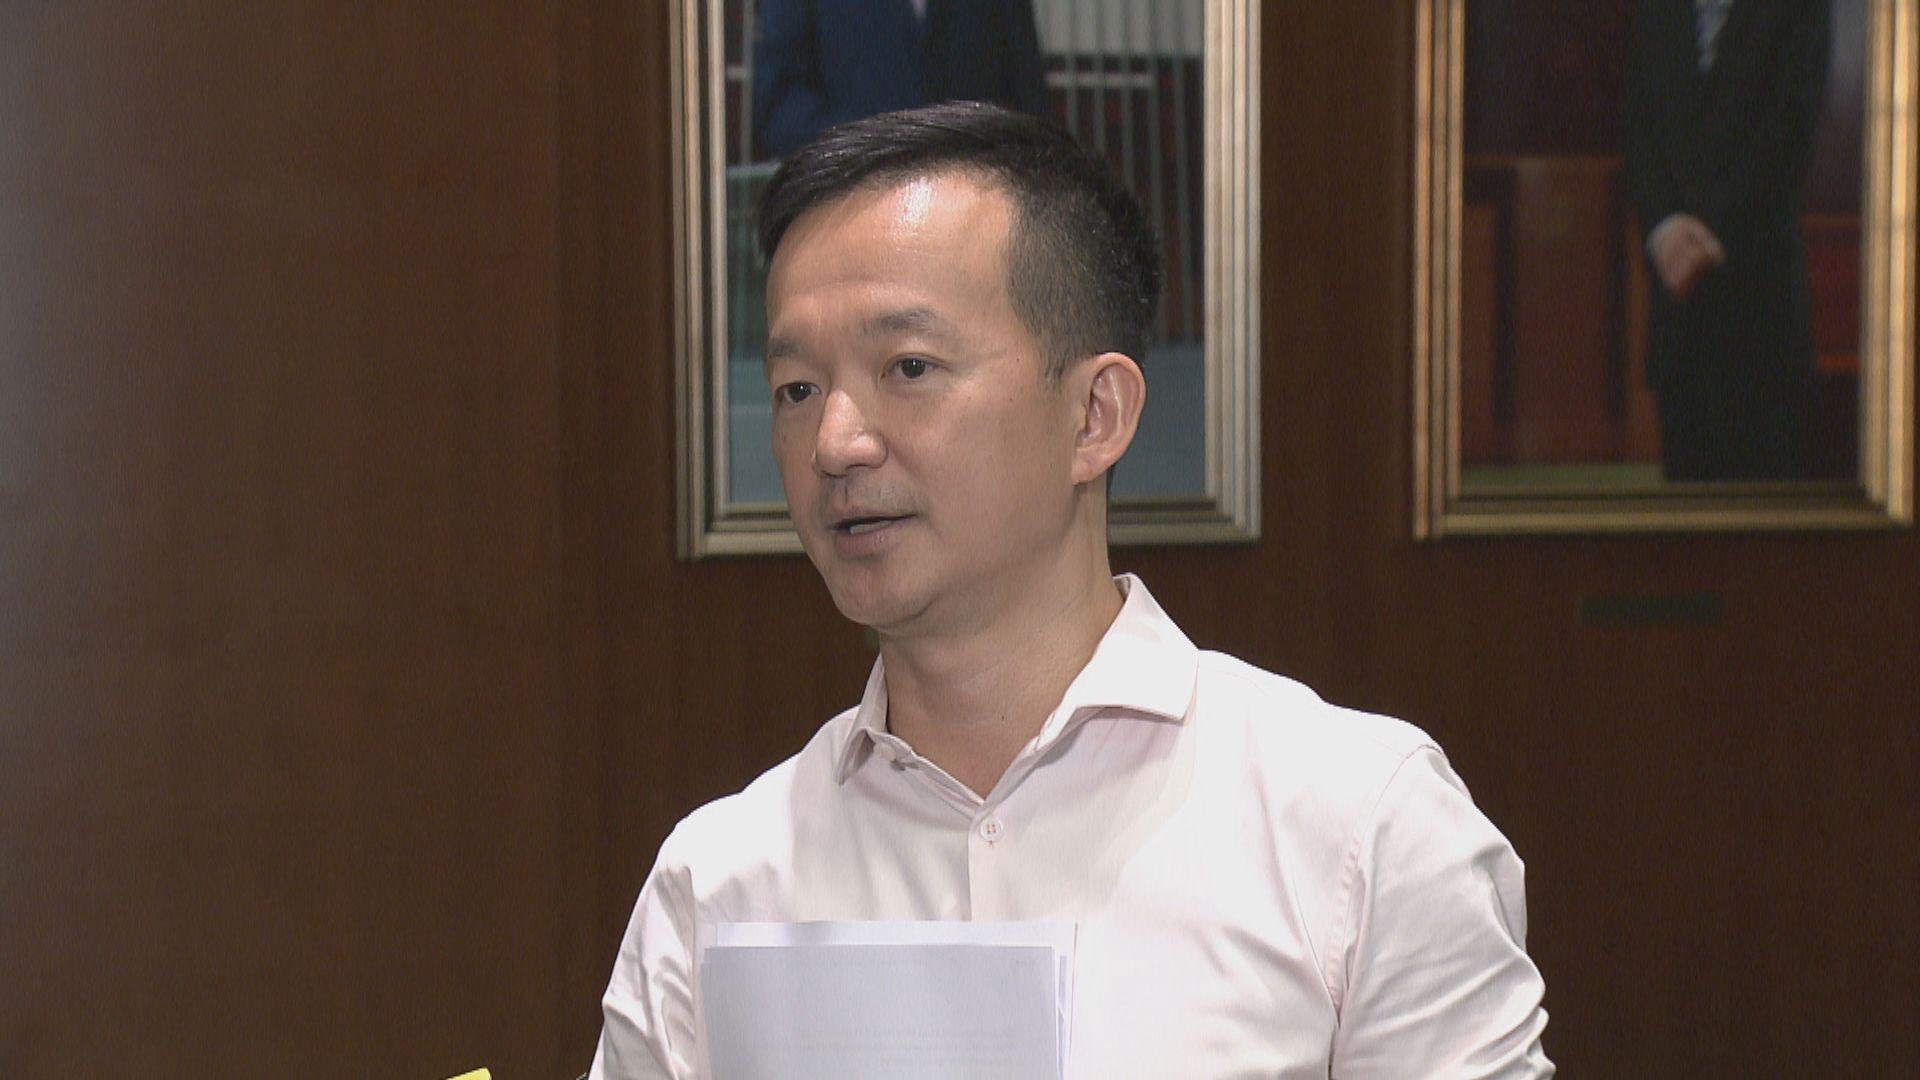 陳志全:政府應檢視法例令同性異性伴侶享相同權利